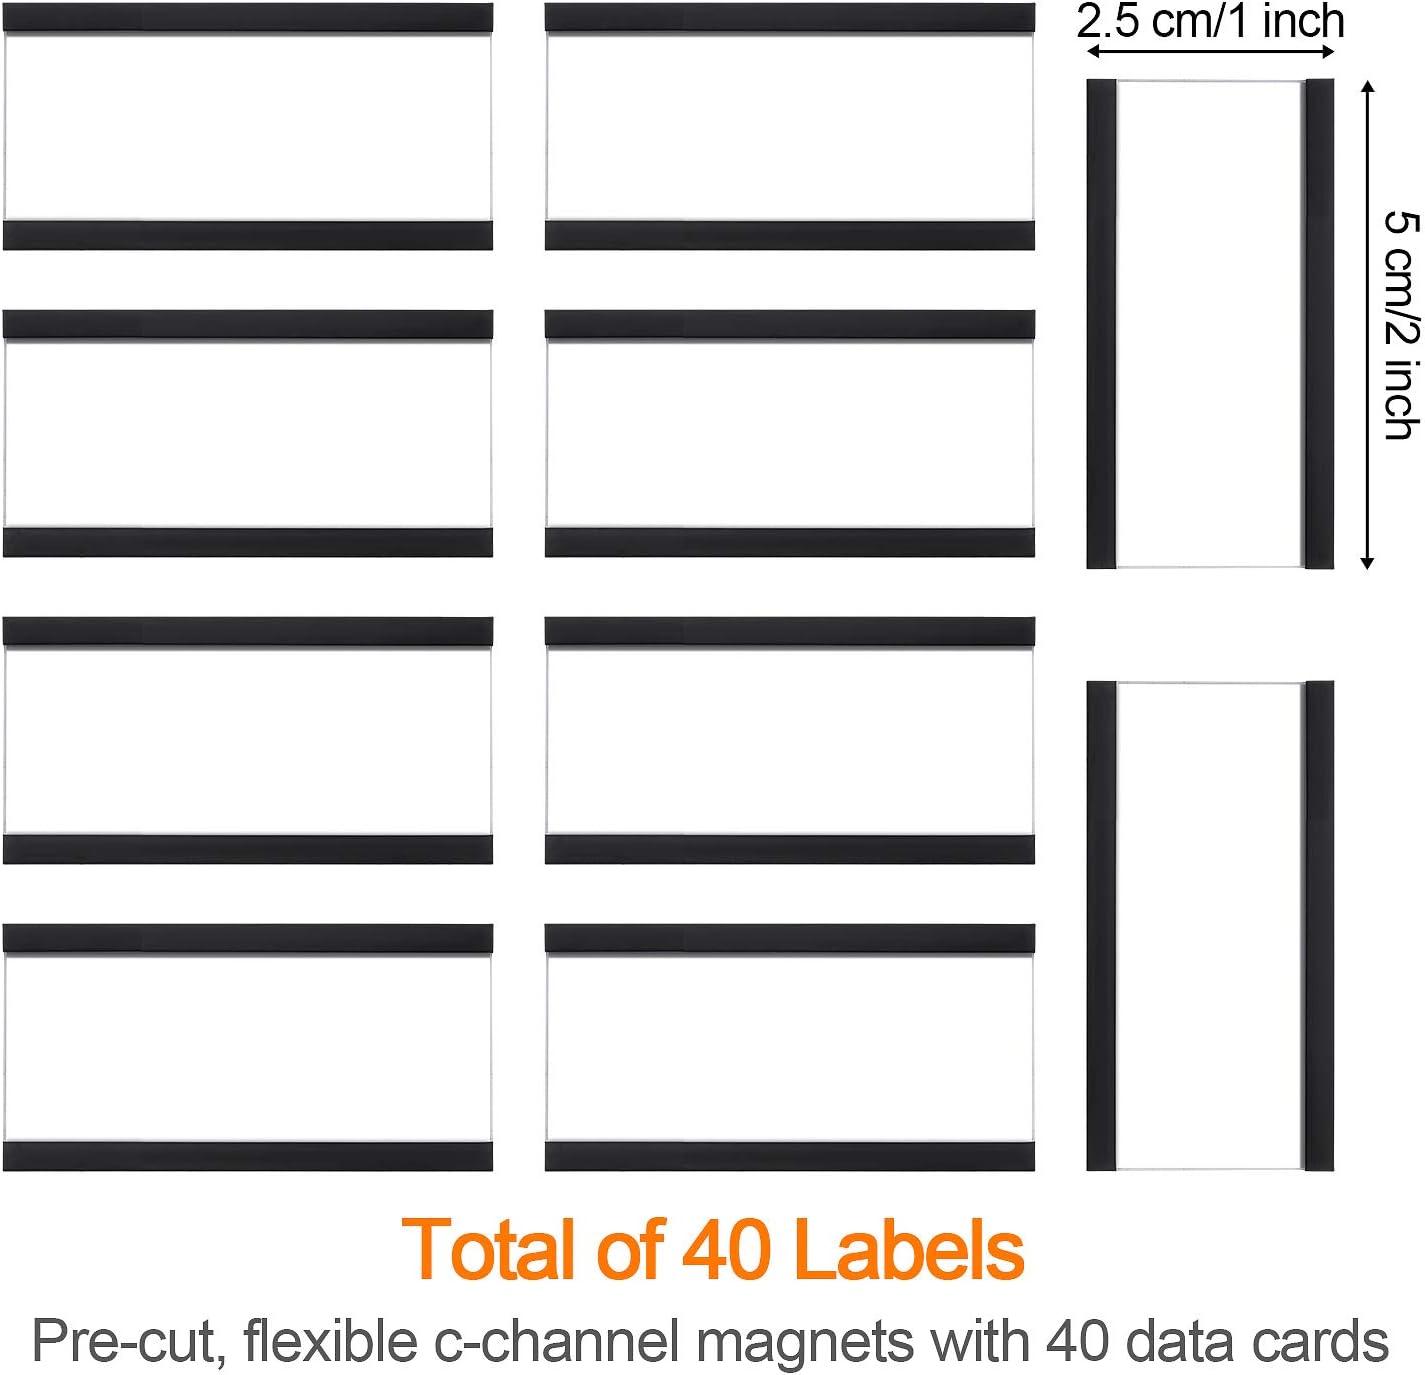 Porta Carta Magnetico Supporto di Carte Magnetiche con Magneti e Carte per Scaffalature Metalliche Scaffali Metallici Cassette Postali in Metallo 40 Confezioni, 1 x 2 Pollici